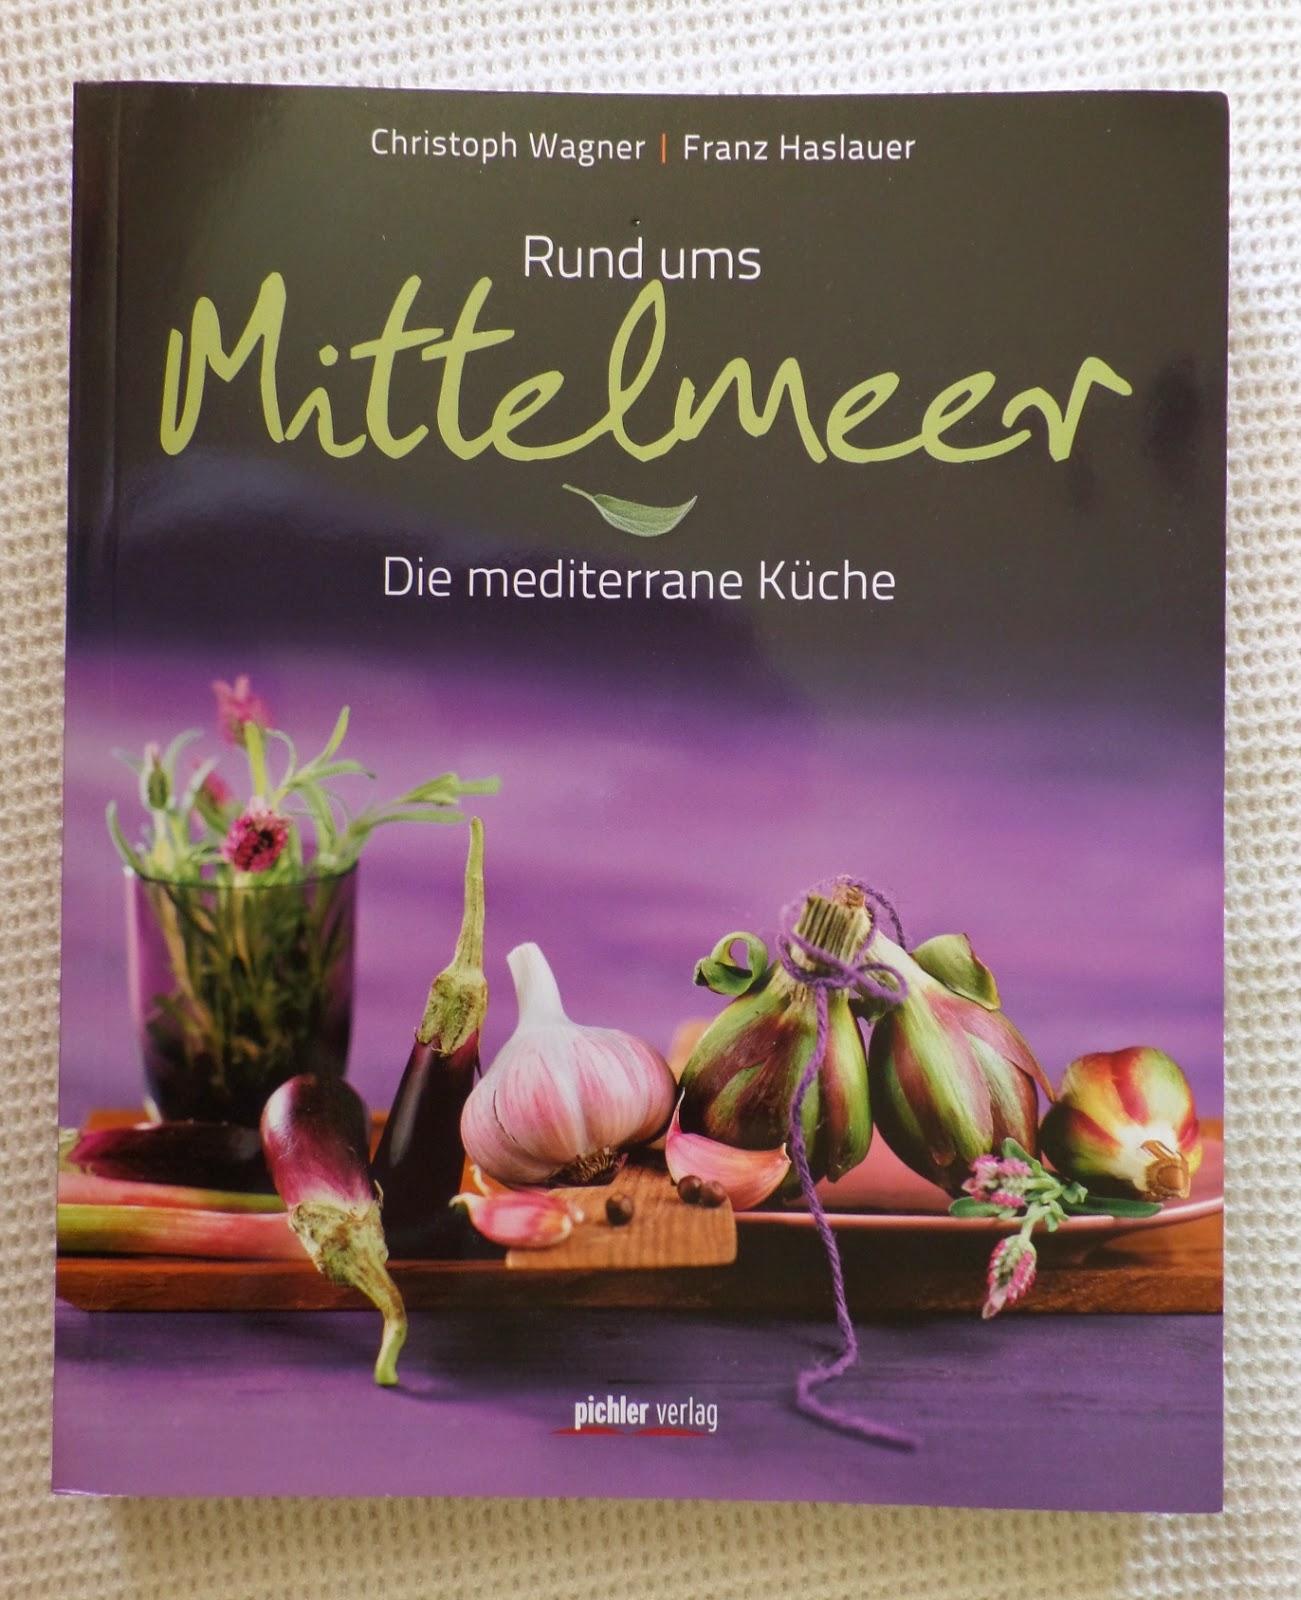 Mediterane Küche klusis wollfühlblog rund ums mittelmeer die mediterrane küche